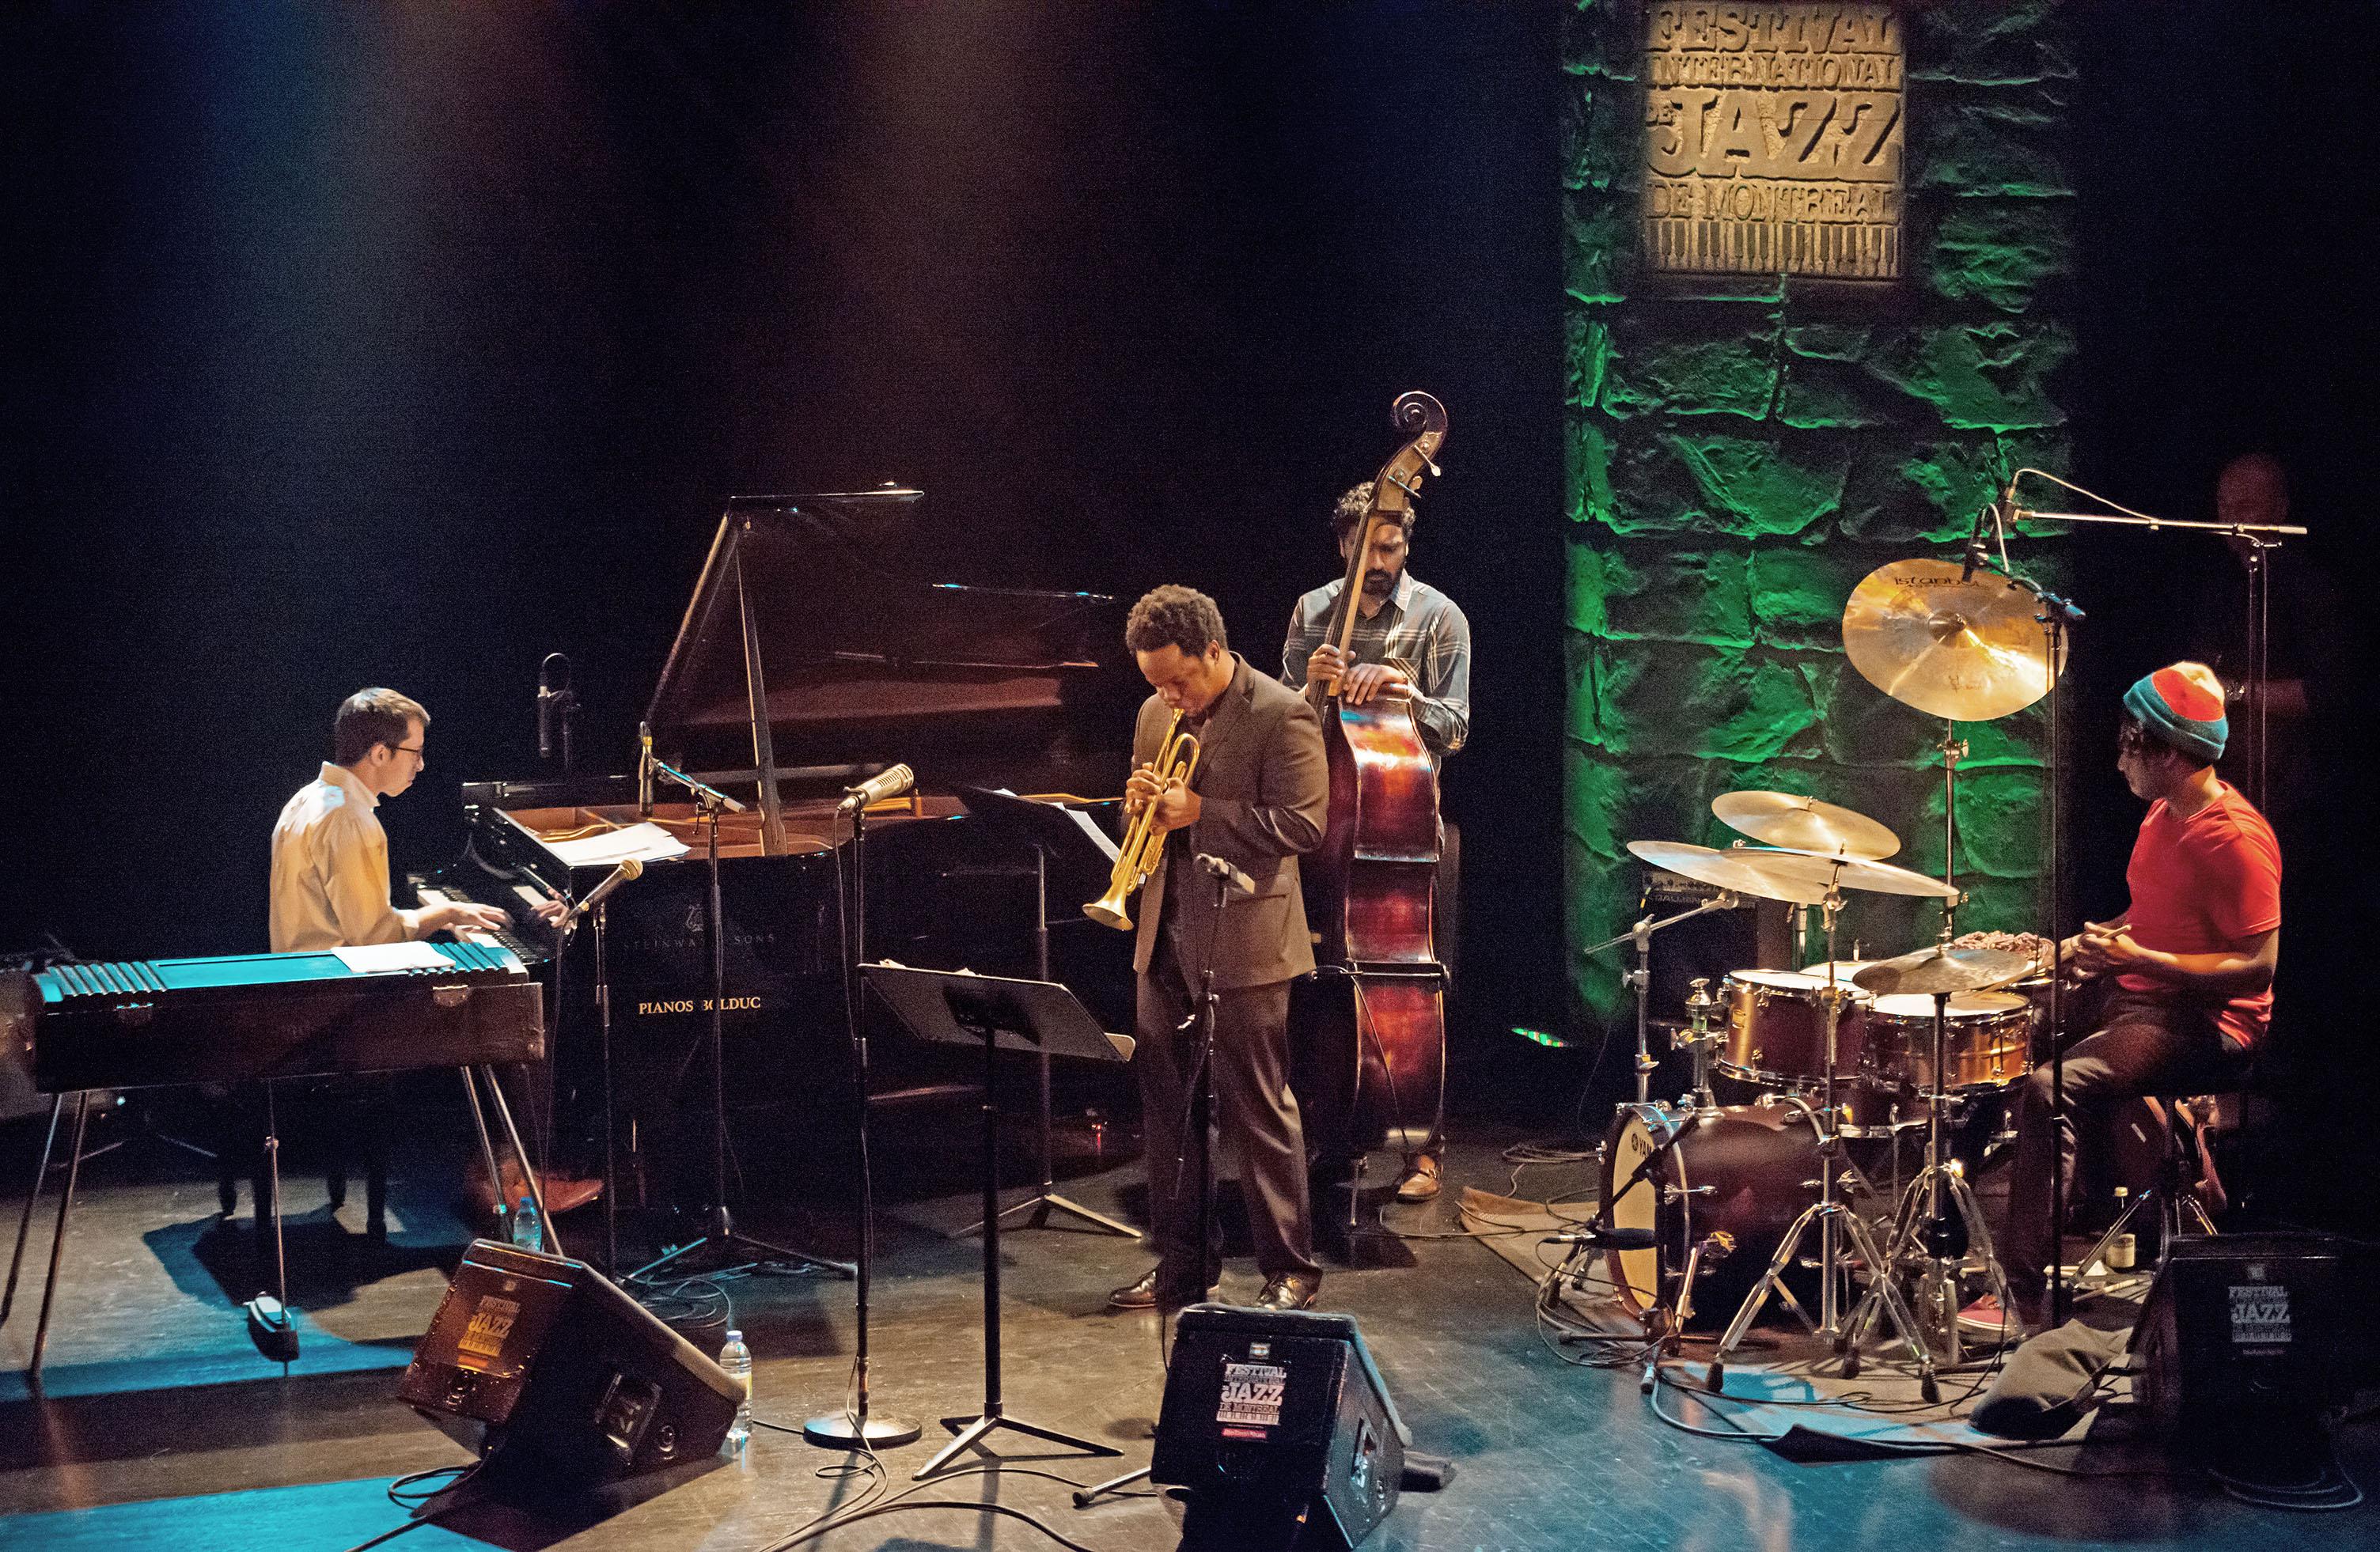 Ambrose Akinmusire Quintet at 2014 Festival International de Jazz de Montréal